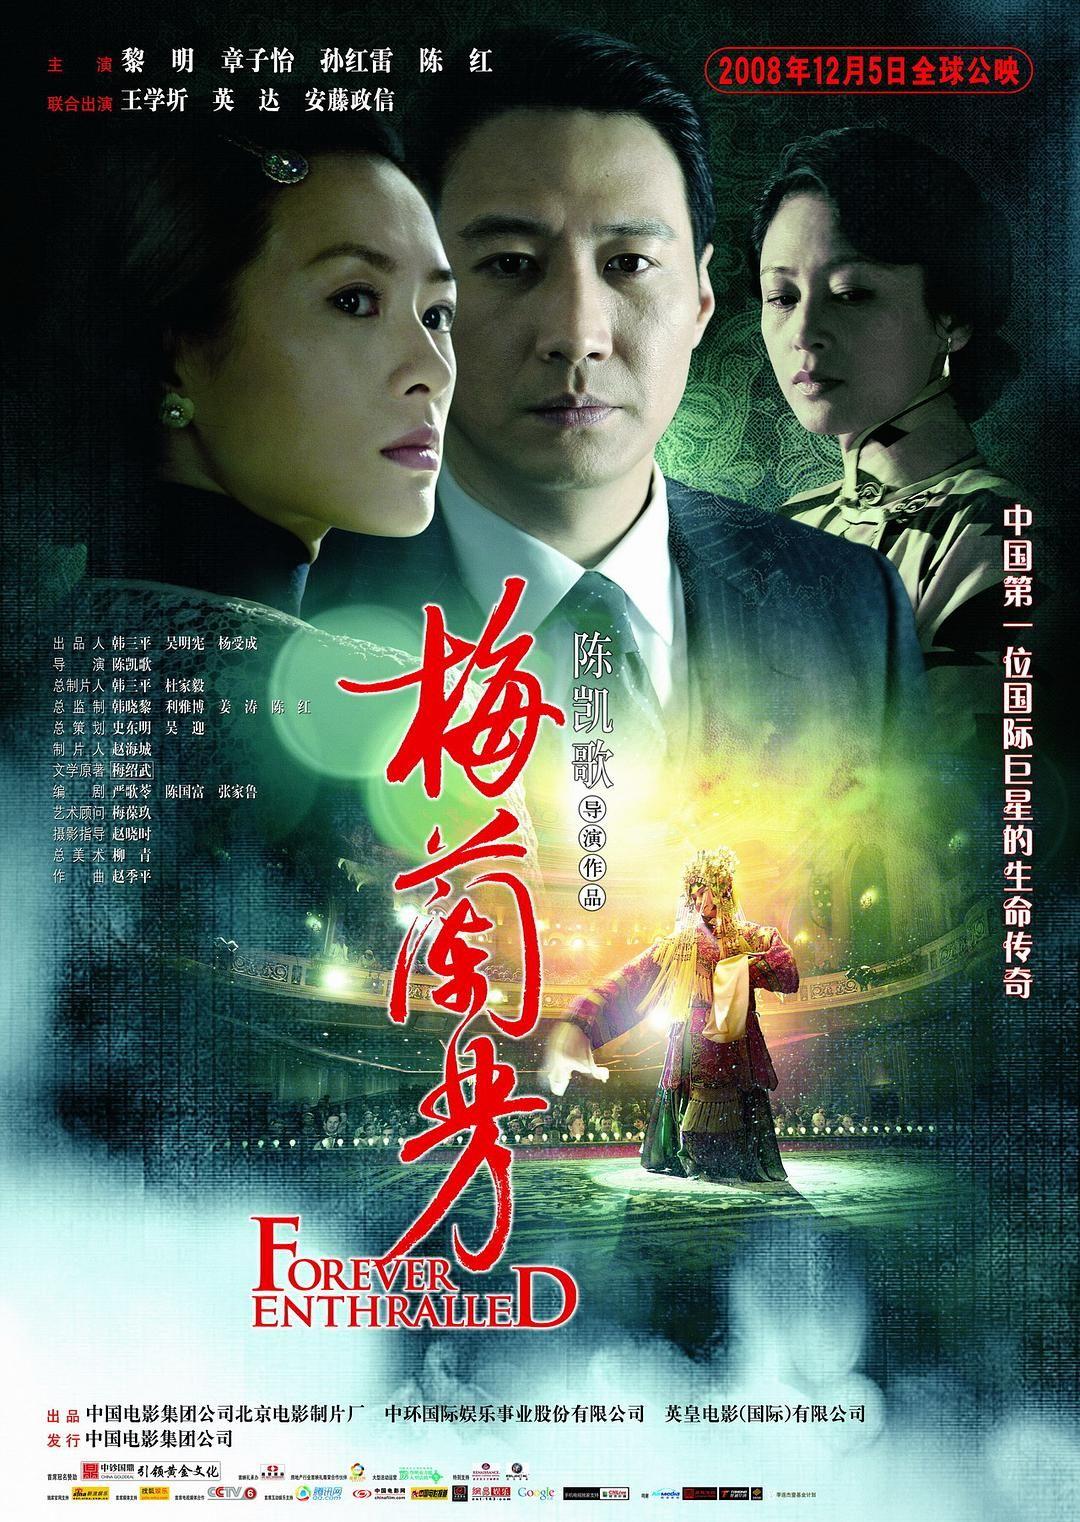 2008陈凯歌传记剧情《梅兰芳》BD1080p.国语中字